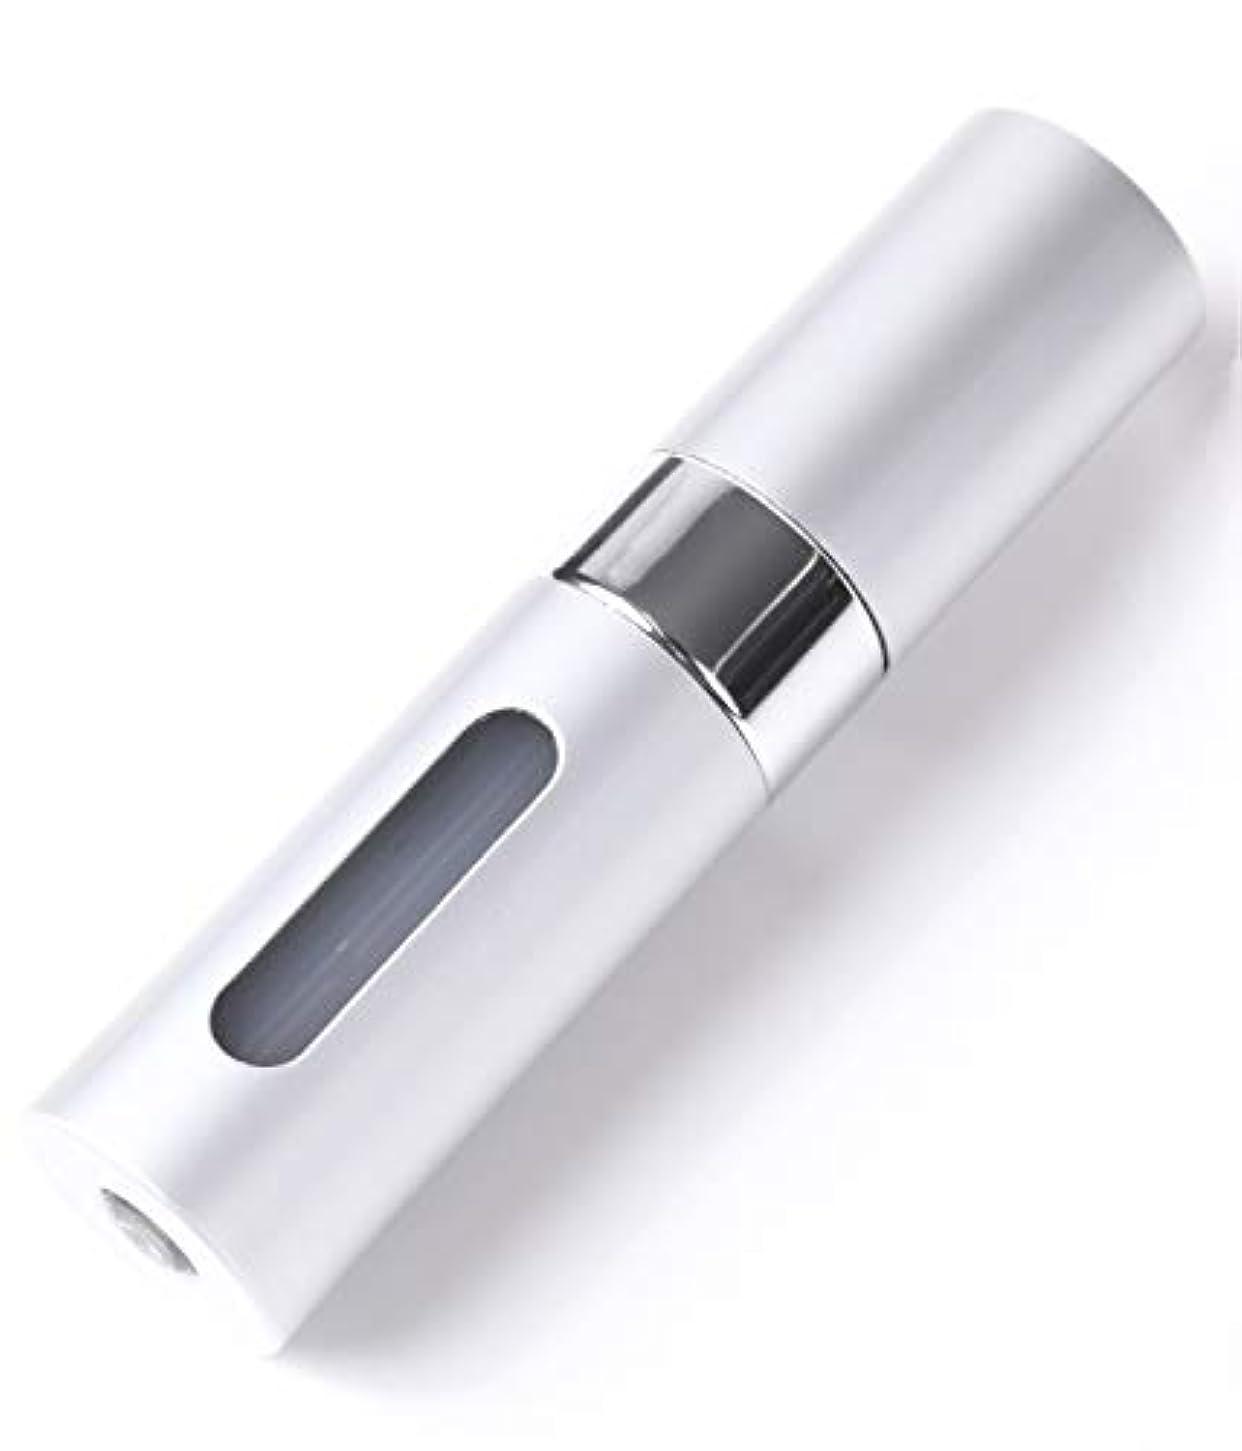 実験的弾丸映画Coffeefreaks アトマイザー 香水 詰め替え 携帯 スプレーボトル ワンタッチ補充 (シルバー)